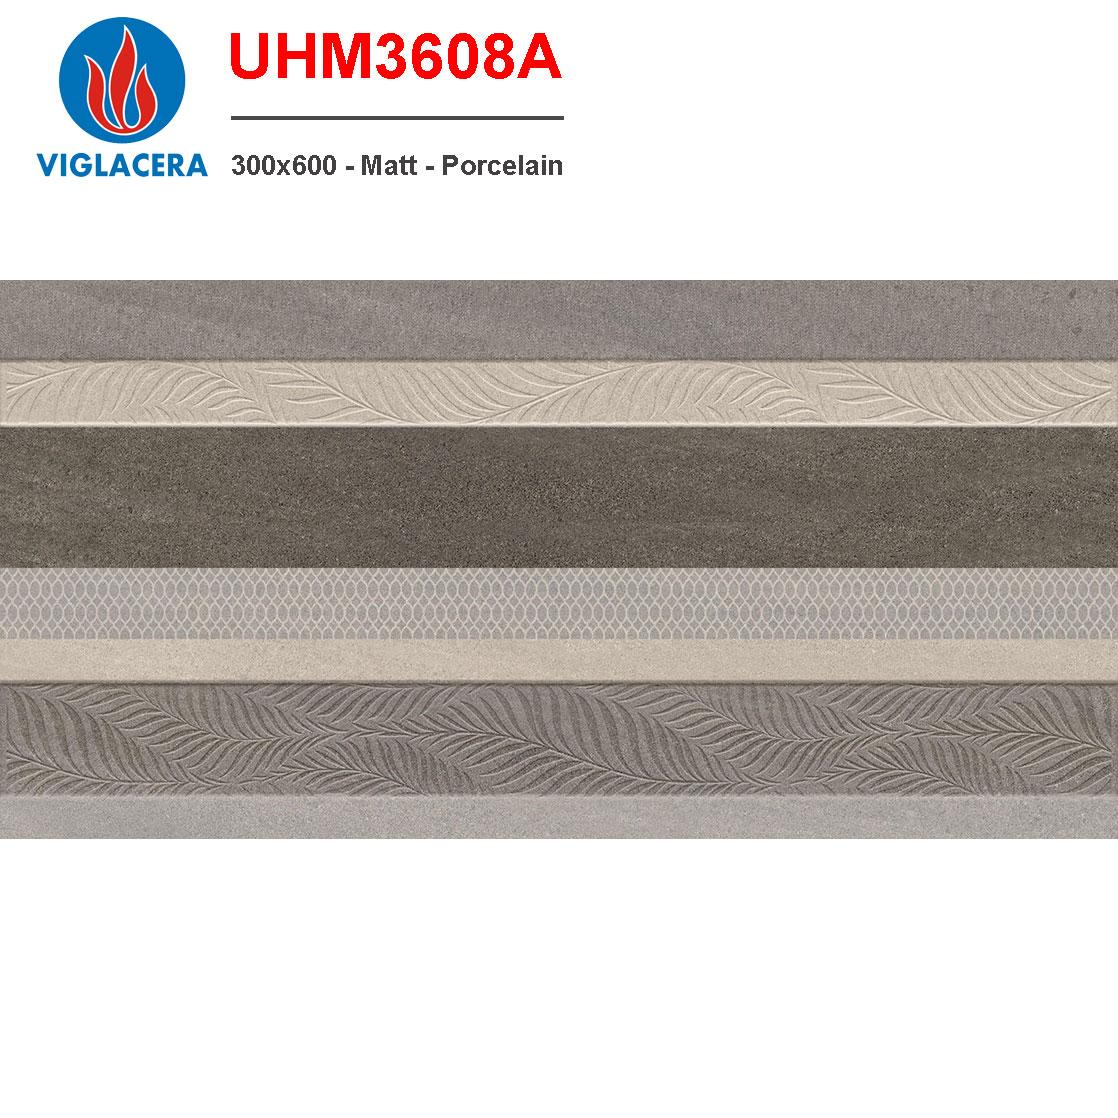 Gạch điểm Viglacera 300x600 UHM3608A giá rẻ